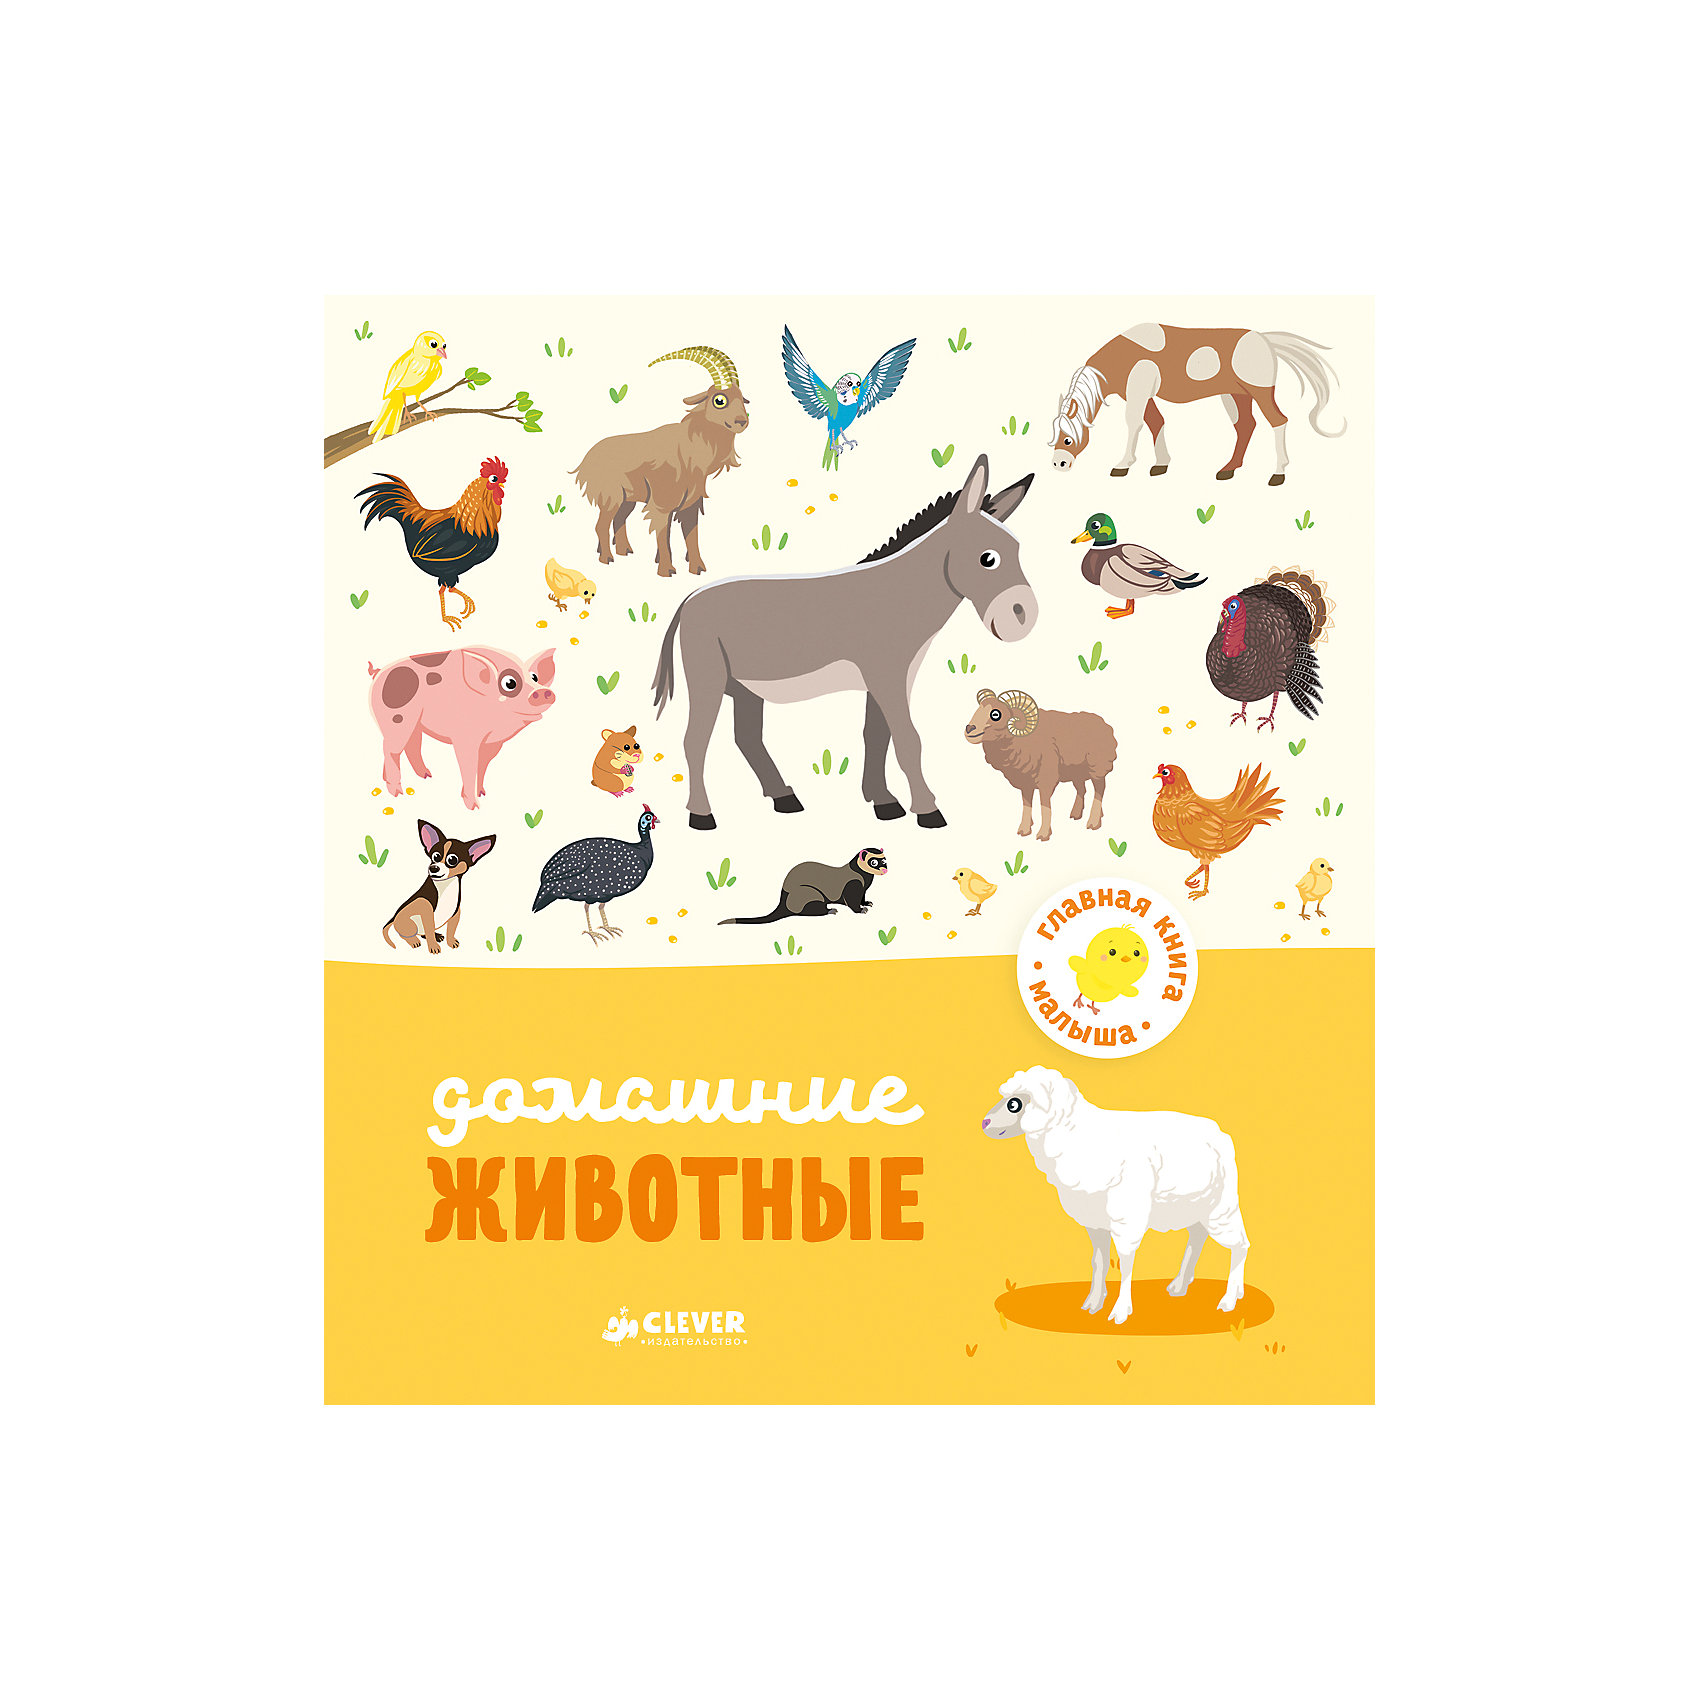 Домашние животные, А. Бессон, Главная книга малышаОкружающий мир<br>Характеристики товара:<br><br>• ISBN: 978-5-00115-008-4;<br>• возраст: от 1 года;<br>• формат: 70х90/16;<br>• бумага: мелованная;<br>• тип обложки: 7Бц - твердая, целлофанированная (или лакированная);<br>• иллюстрации: цветные;<br>• серия: Главная книга малыша;<br>• издательство: Клевер Медиа Групп, 2017 г.;<br>• автор: Бессон Агнес;<br>• редактор: Видревич Ирина;<br>• переводчик: Маслиева Елизавета;<br>• художник: Сюрэн;<br>• количество страниц: 24;<br>• размеры: 18,6х17,5х0,8 см;<br>• масса: 208 г.<br><br>Книга с красочными крупными иллюстрациями и простым текстом подойдет для самых маленьких. <br><br>Интересные задания познакомят ребенка с окружающим миром. На каждом развороте расположены разные домашние животные. Веселые задачки «Найди и покажи» развивают внимание, логику и мышление.<br><br>Книгу «Домашние животные», А. Бессон, Клевер Медиа Групп, можно купить в нашем интернет-магазине.<br><br>Ширина мм: 180<br>Глубина мм: 170<br>Высота мм: 8<br>Вес г: 200<br>Возраст от месяцев: 12<br>Возраст до месяцев: 36<br>Пол: Унисекс<br>Возраст: Детский<br>SKU: 7039970